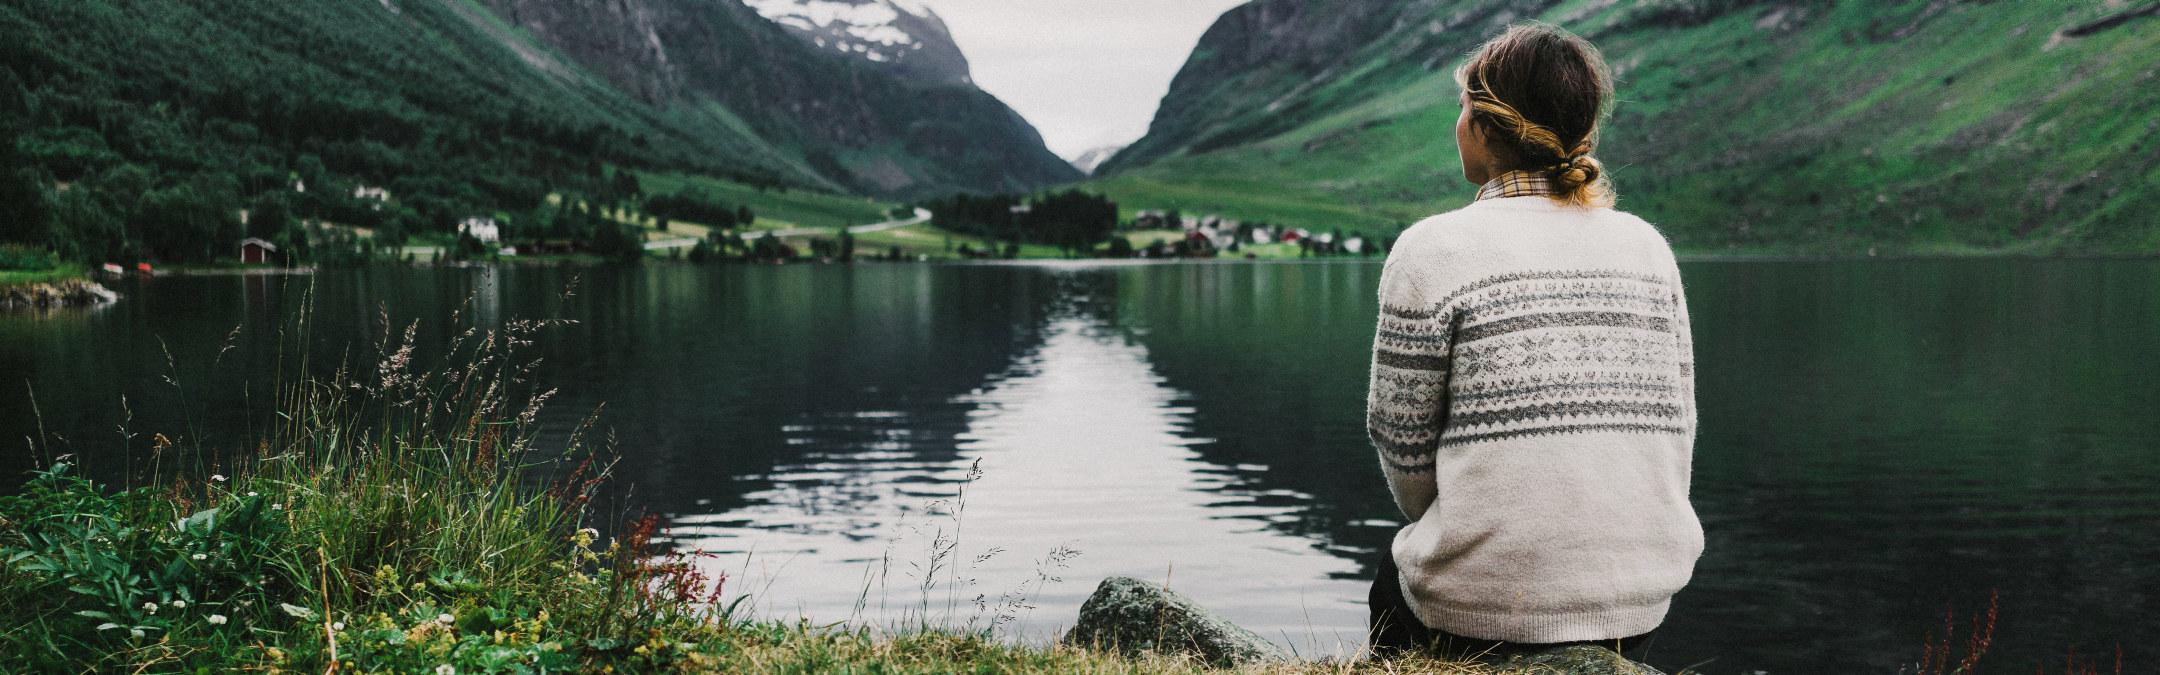 En unge dame i strikket genser sitter og ser utover en innsjø i grønne omgivelser.